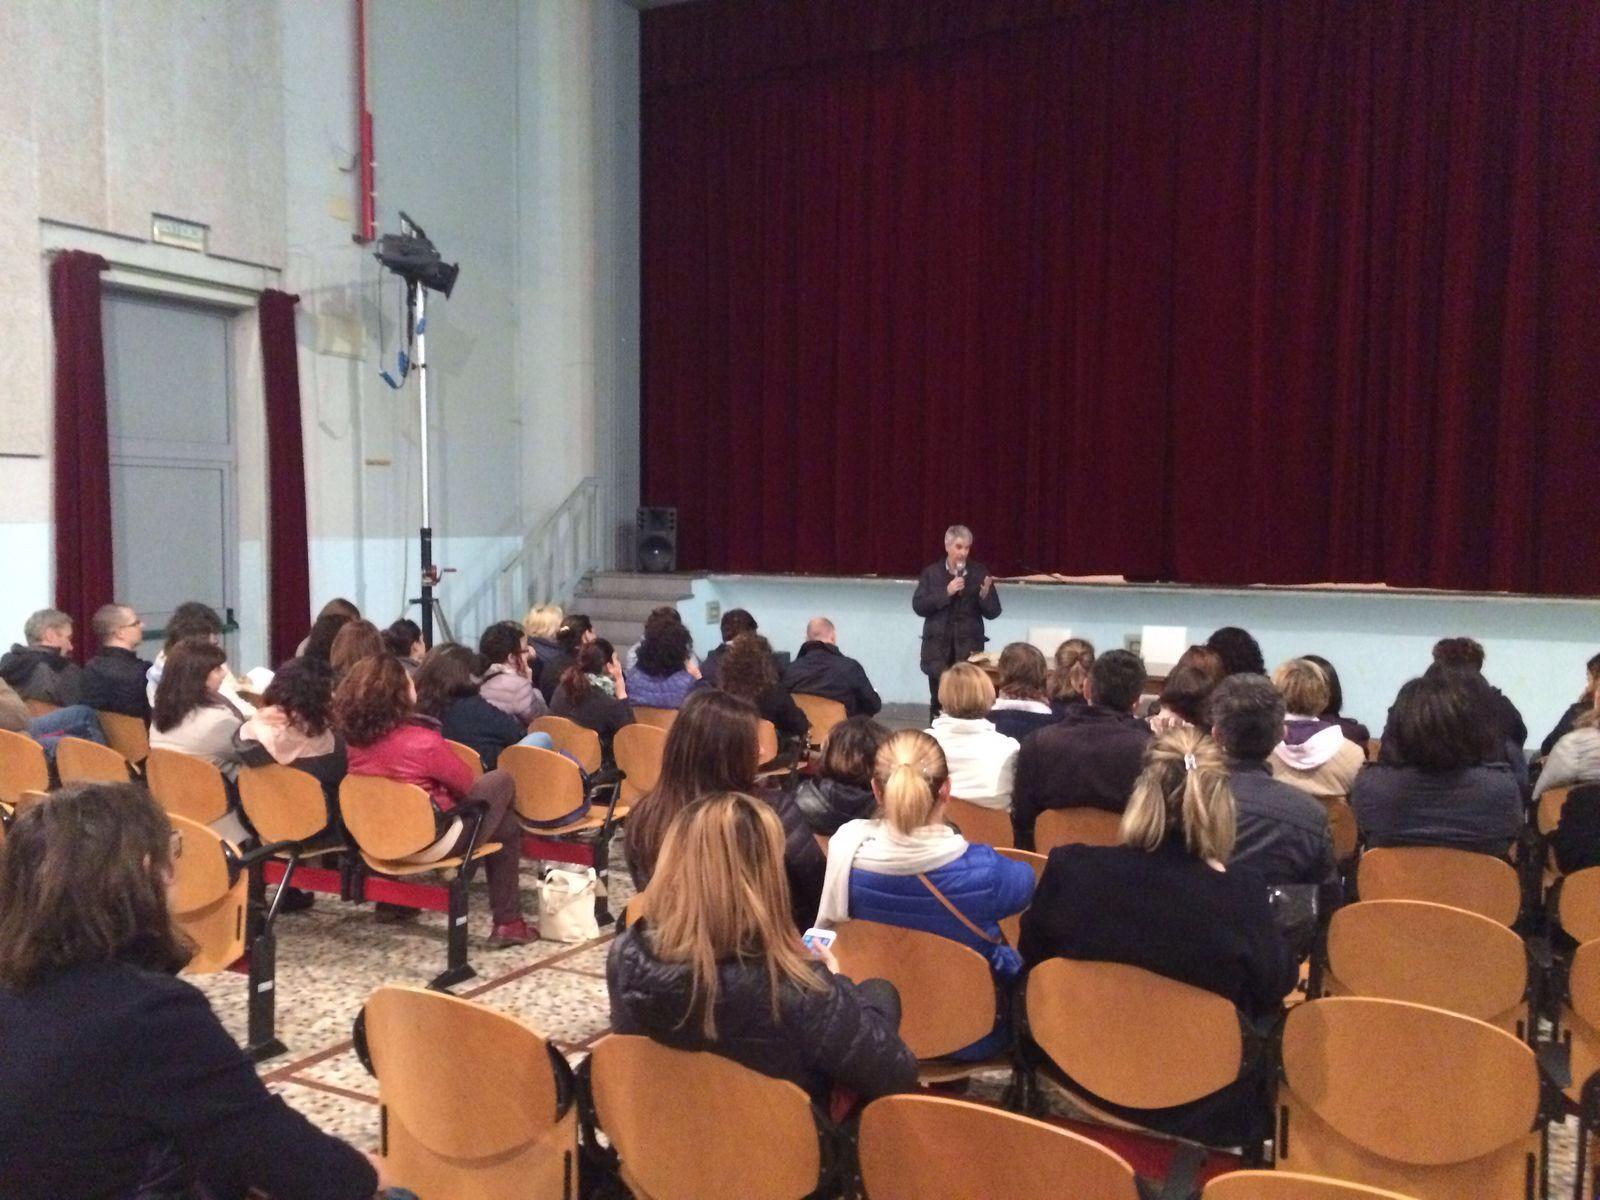 I partecipanti che hanno partecipato all'incontro di giovedì 28 aprile mentre ascoltanol'intervento del prof. Triani.